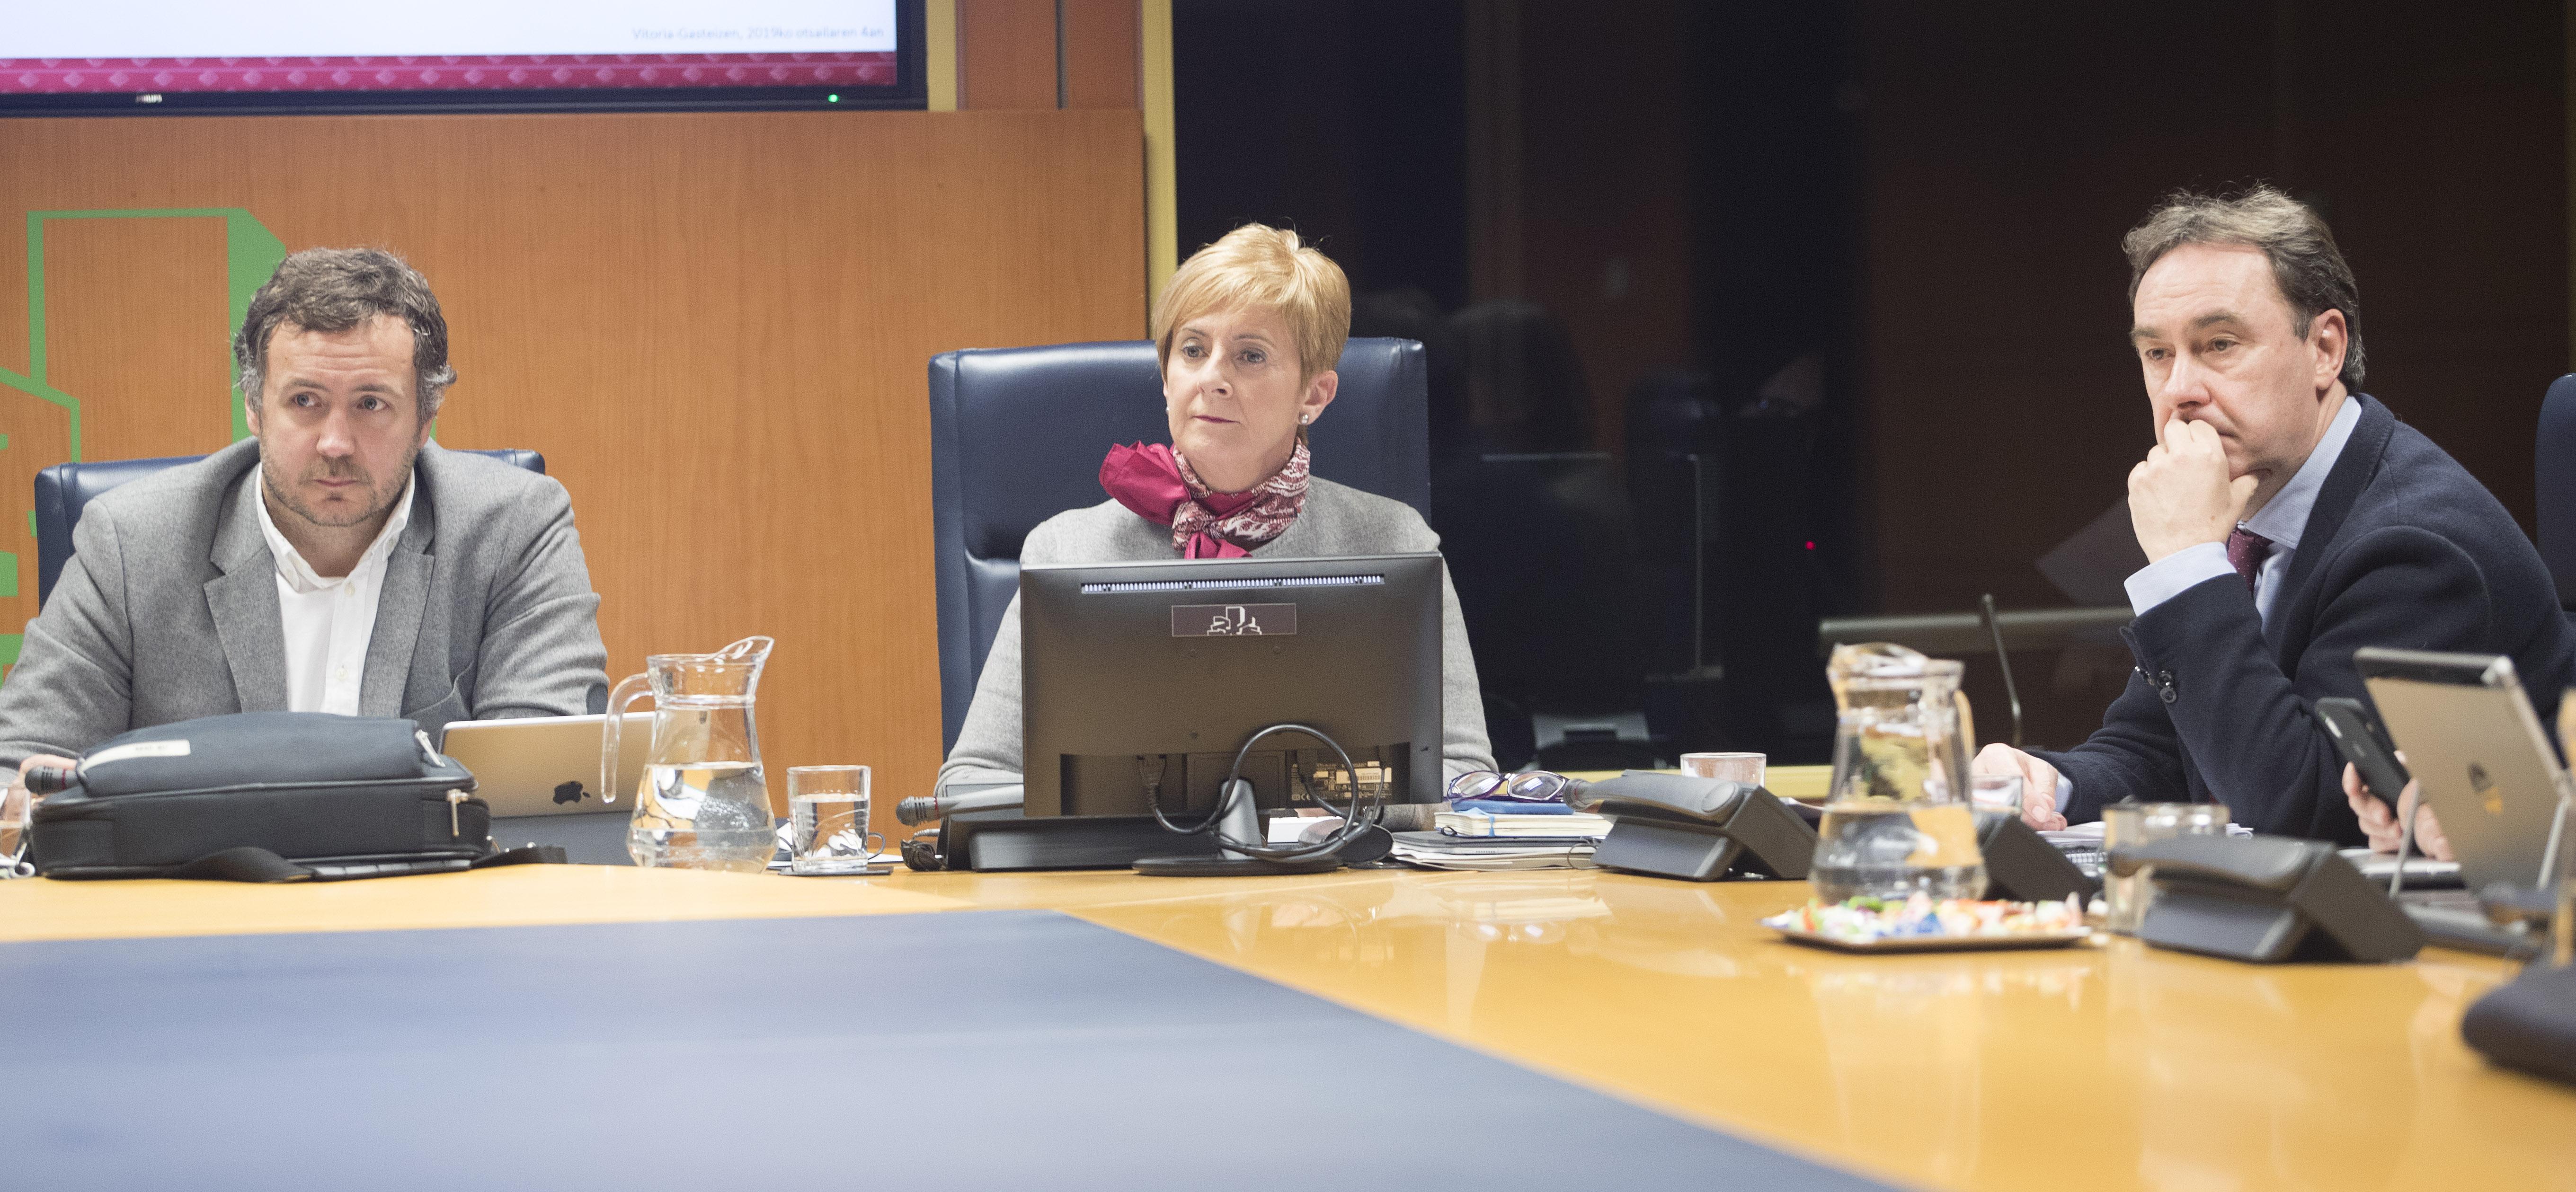 El Gobierno Vasco finaliza el EI de la Variante Sur Ferroviaria para que se apruebe y se tramite a información pública este mismo mes